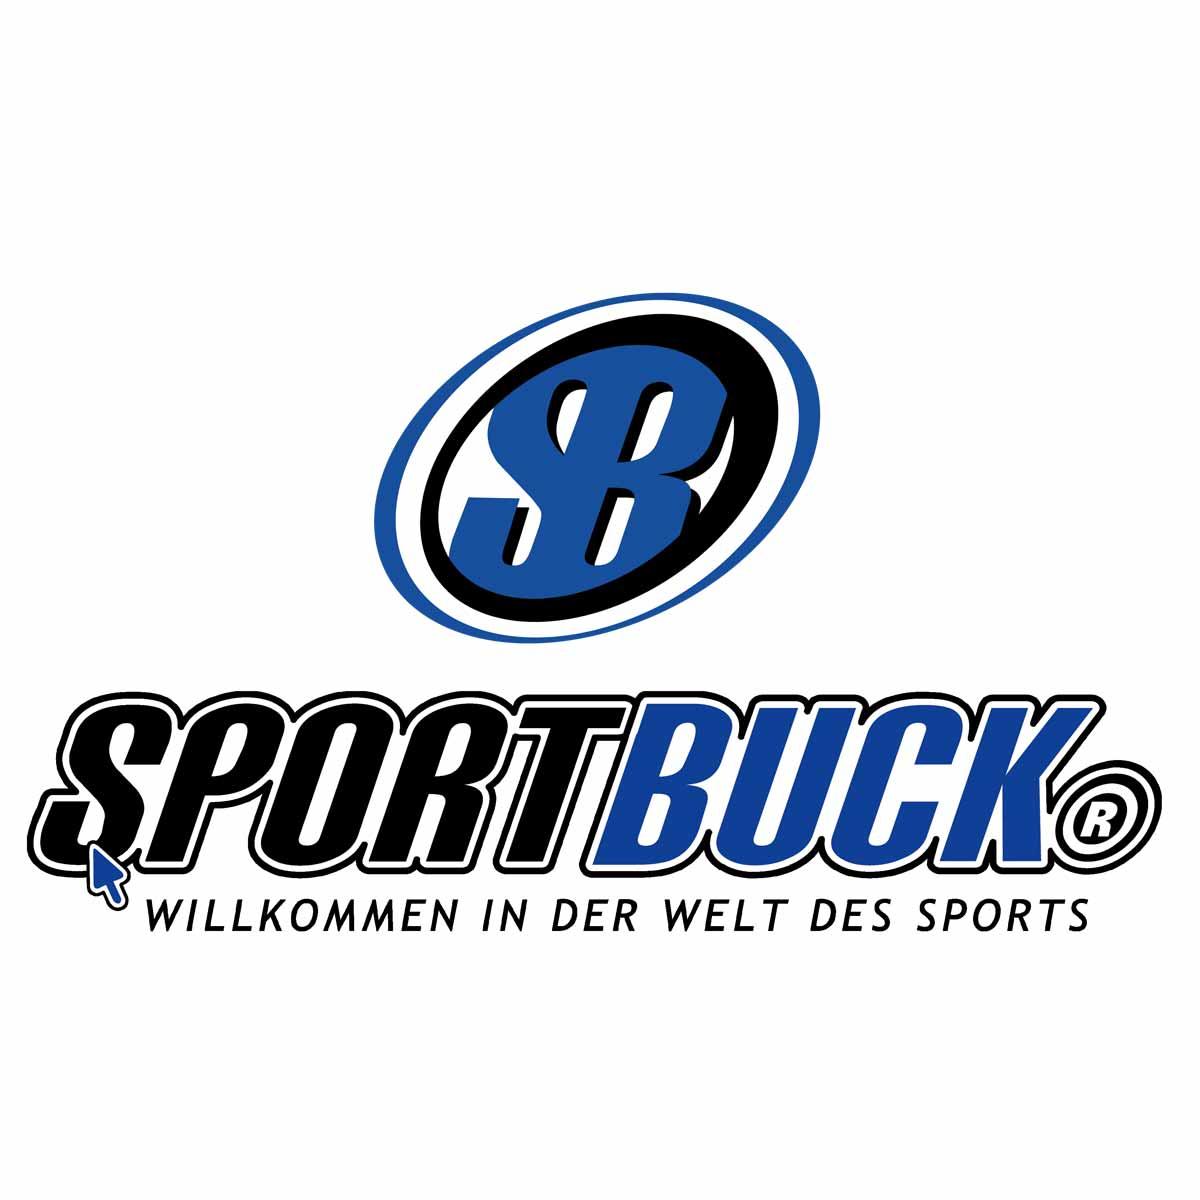 Energy Activator Koffein Shot Booster 200 Cola Zitrone Booster 30 Stk a 25ml - Mindesthaltbarkeitsdatum 04/2022